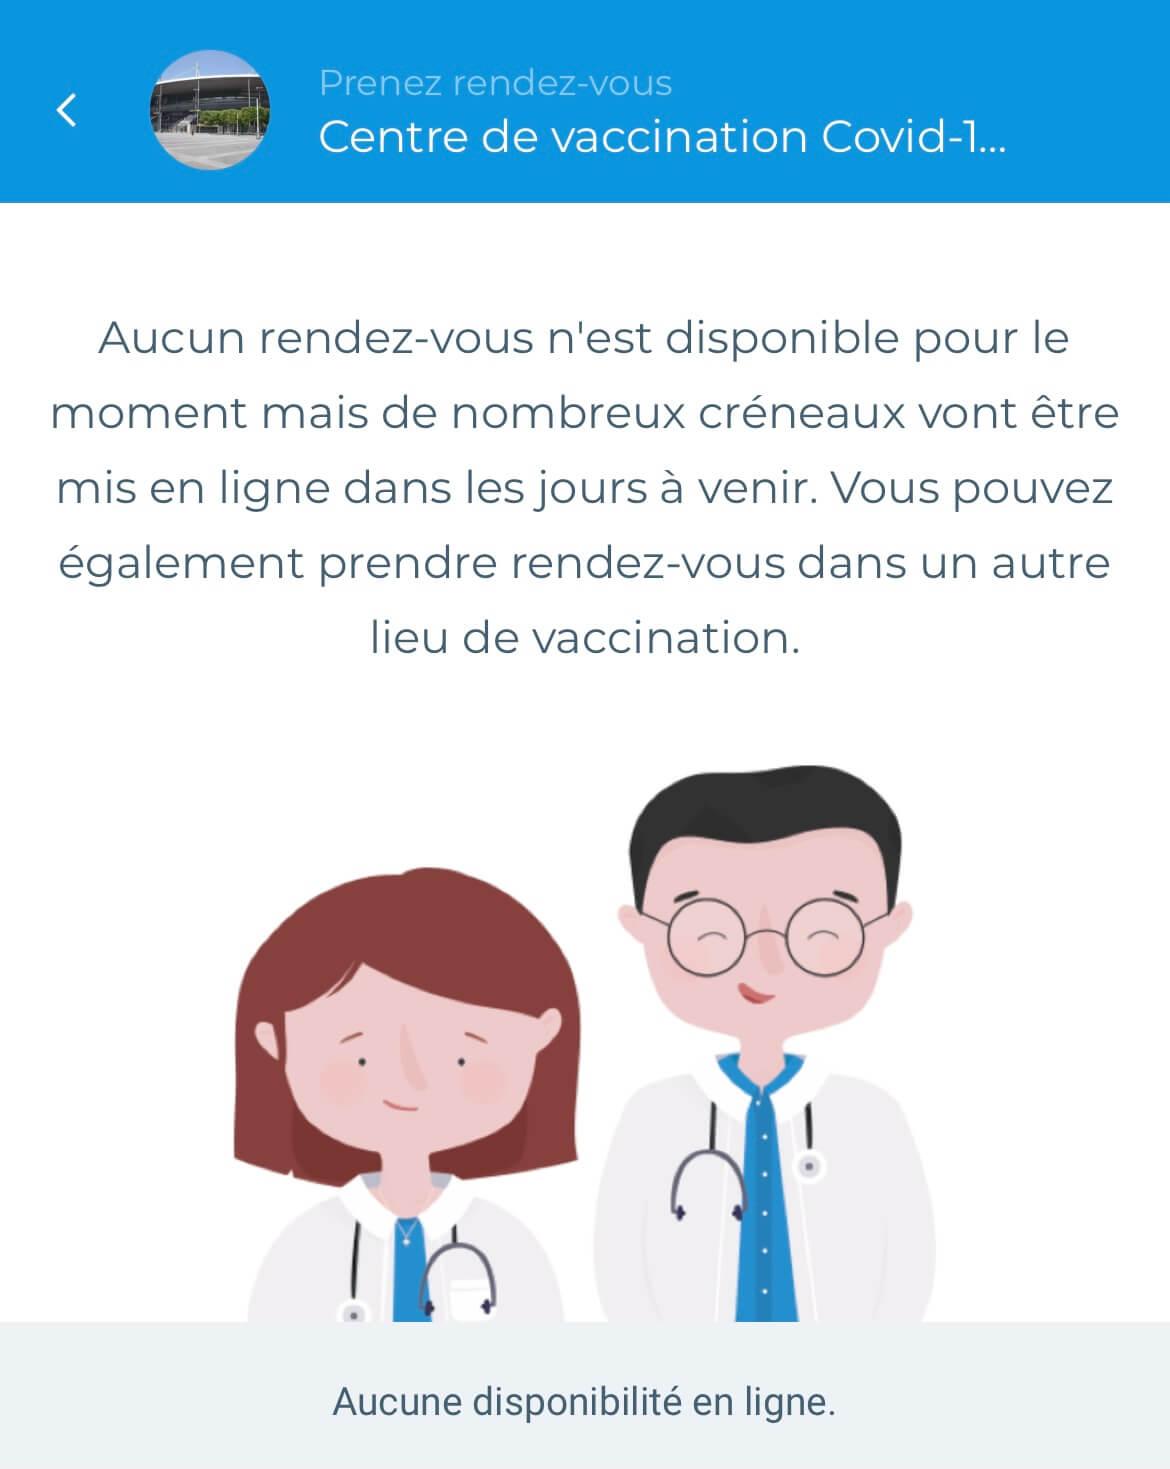 パリ最新情報「パリ郊外スタジアムがワクチン会場になり、ワクチン接種スピードアップへ」